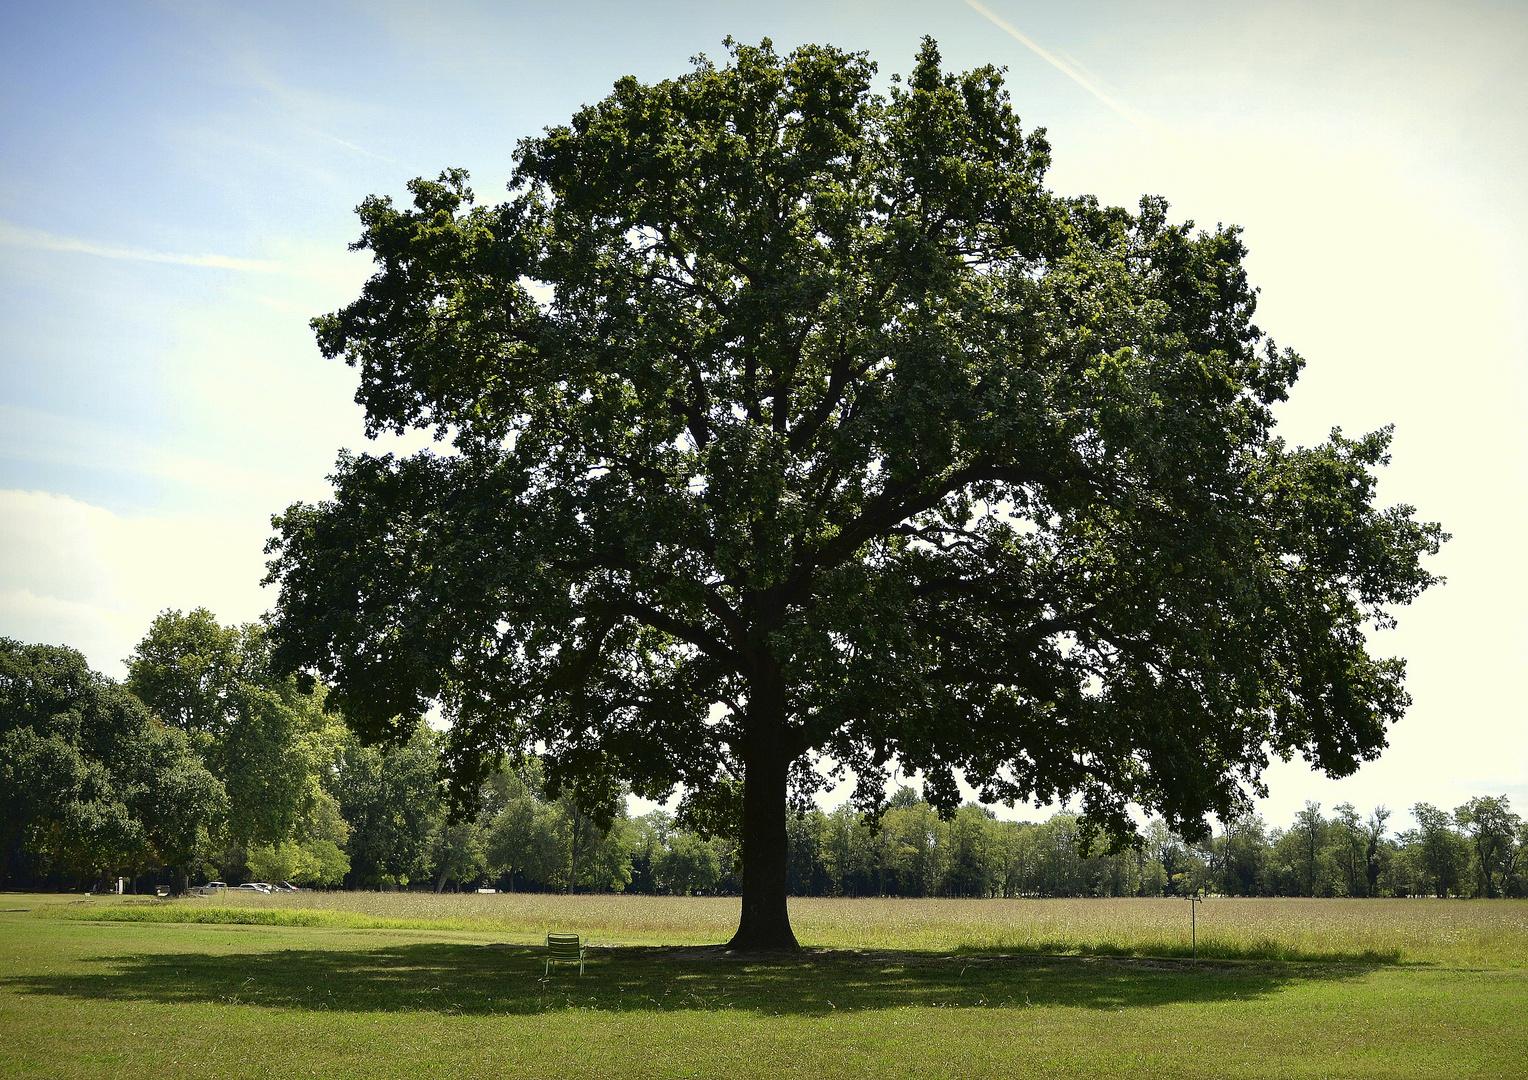 le chêne solitaire